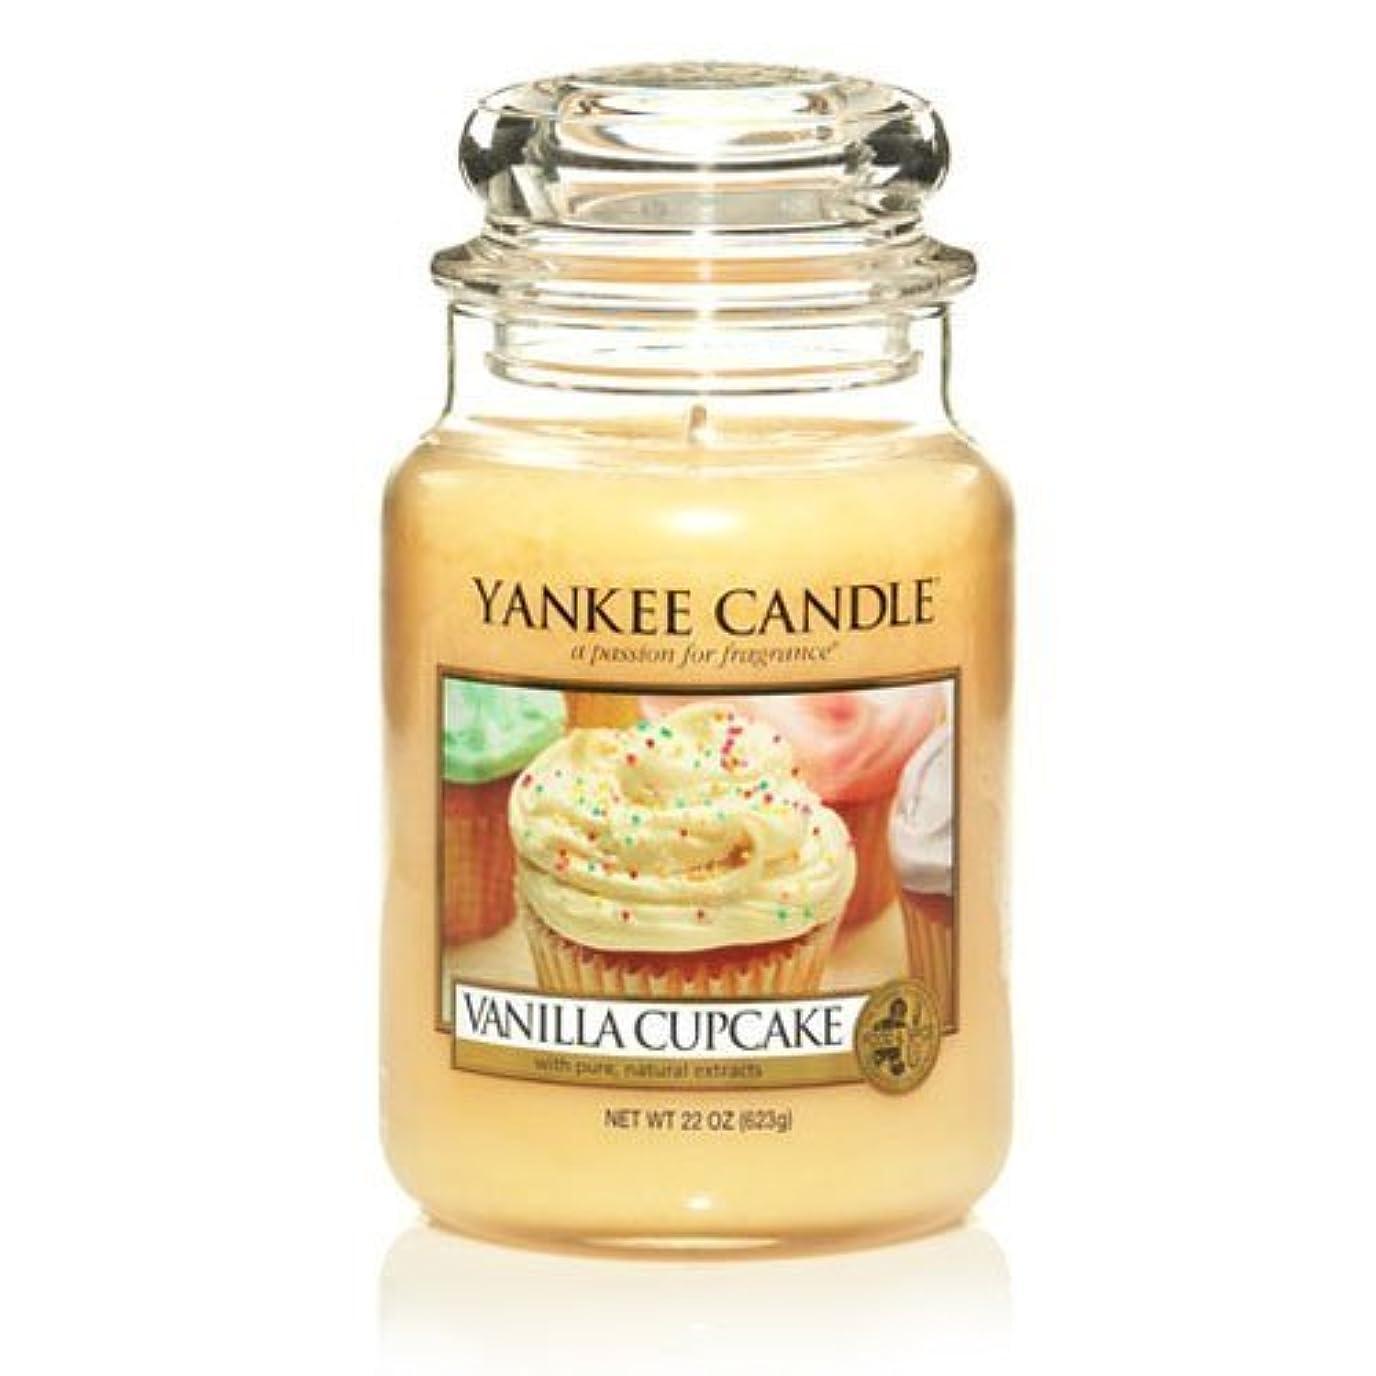 契約した解釈的司教Large Yankee CAndle Jar Vanilla Cupcake by Yankee Candles [並行輸入品]